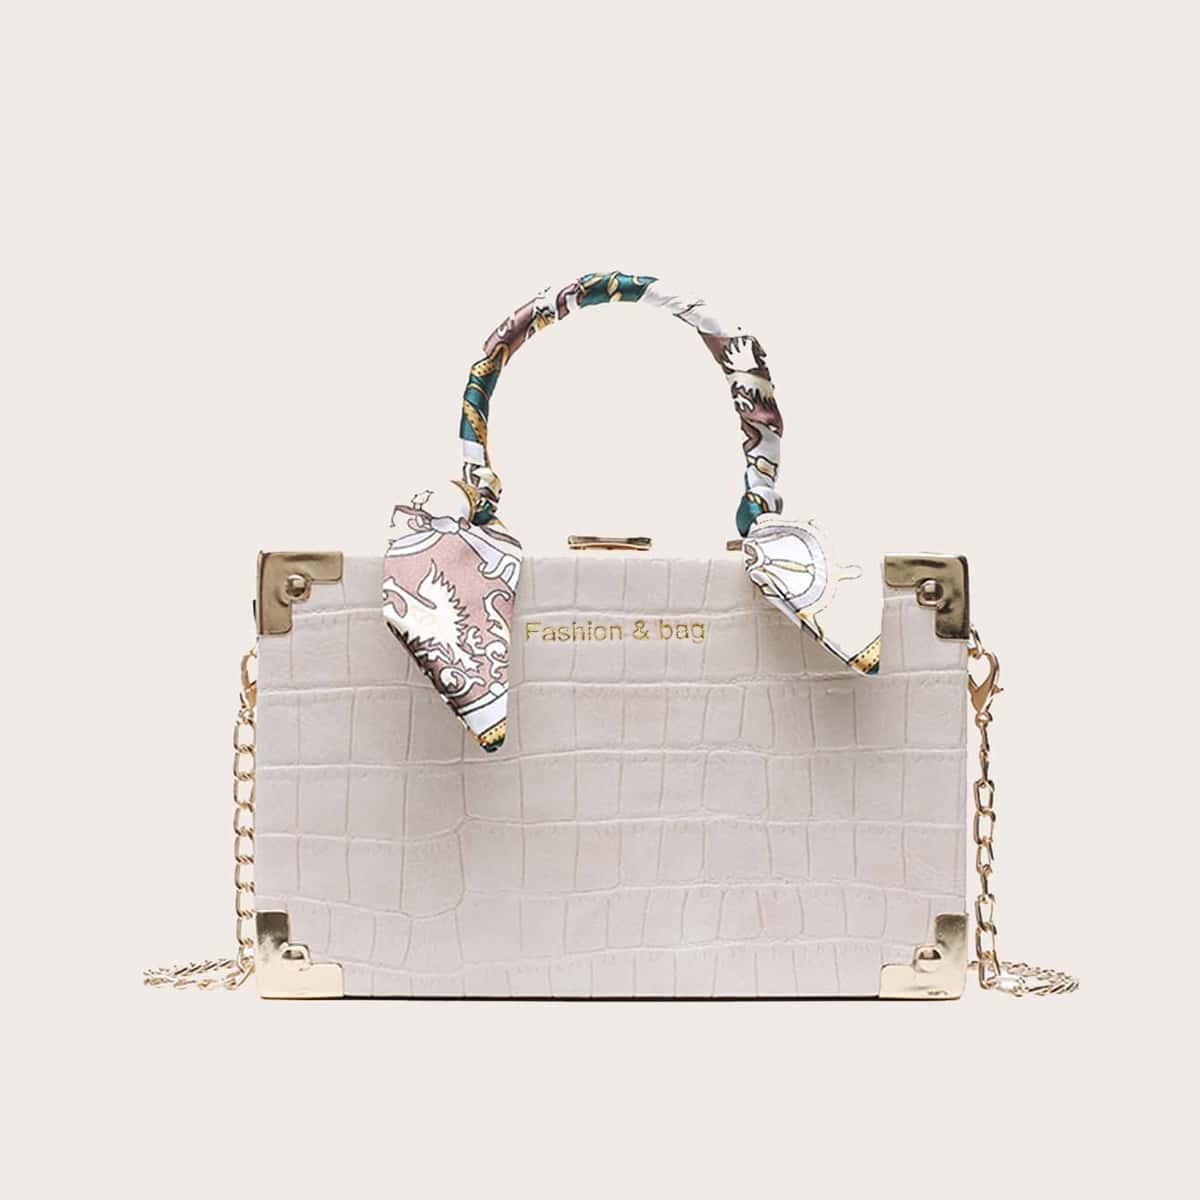 Рельефная сумка-сэтчел